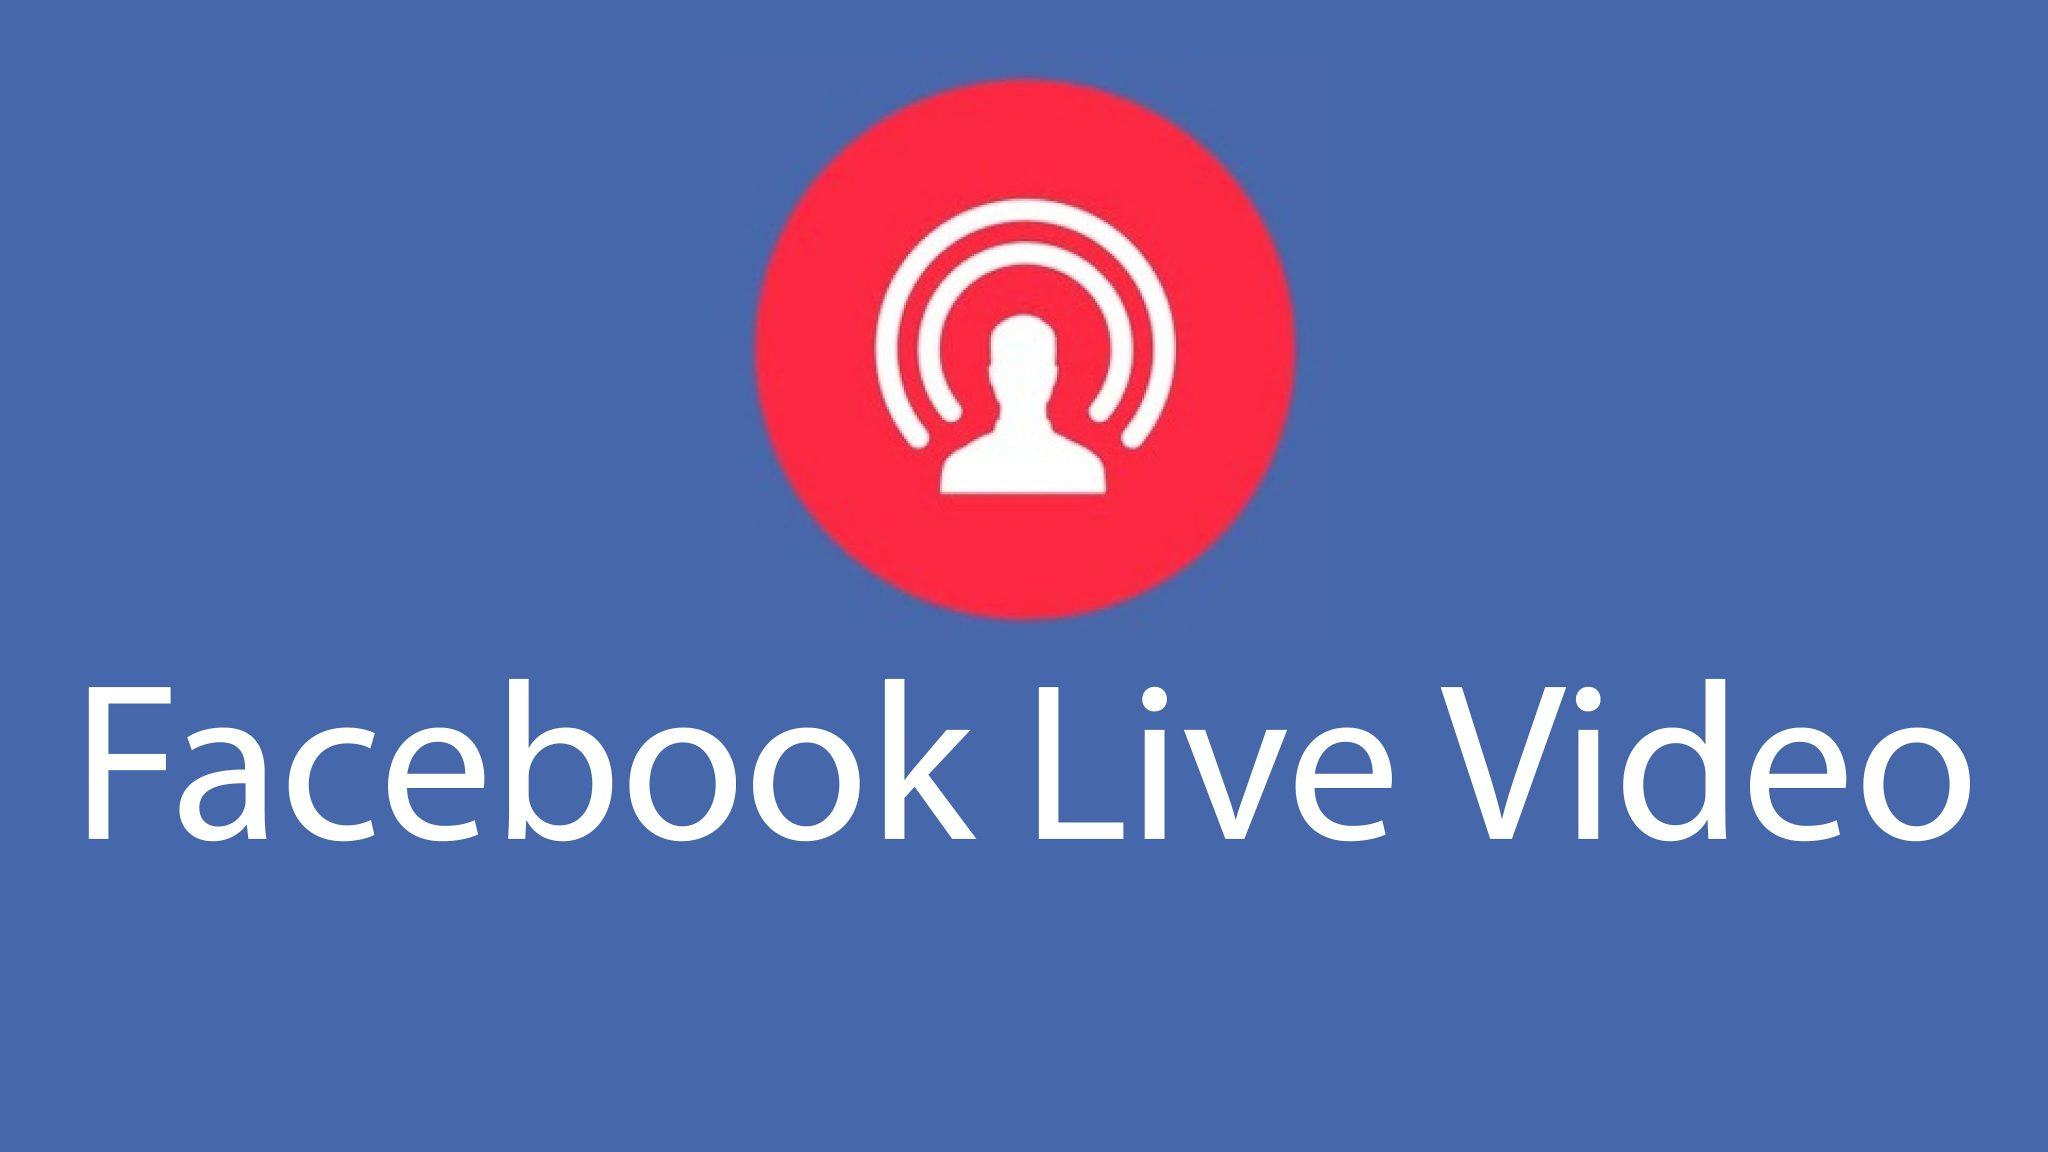 7 mô hình bán hàng hiệu quả trên Facebook 2017 - image livestream on https://atpsoftware.vn